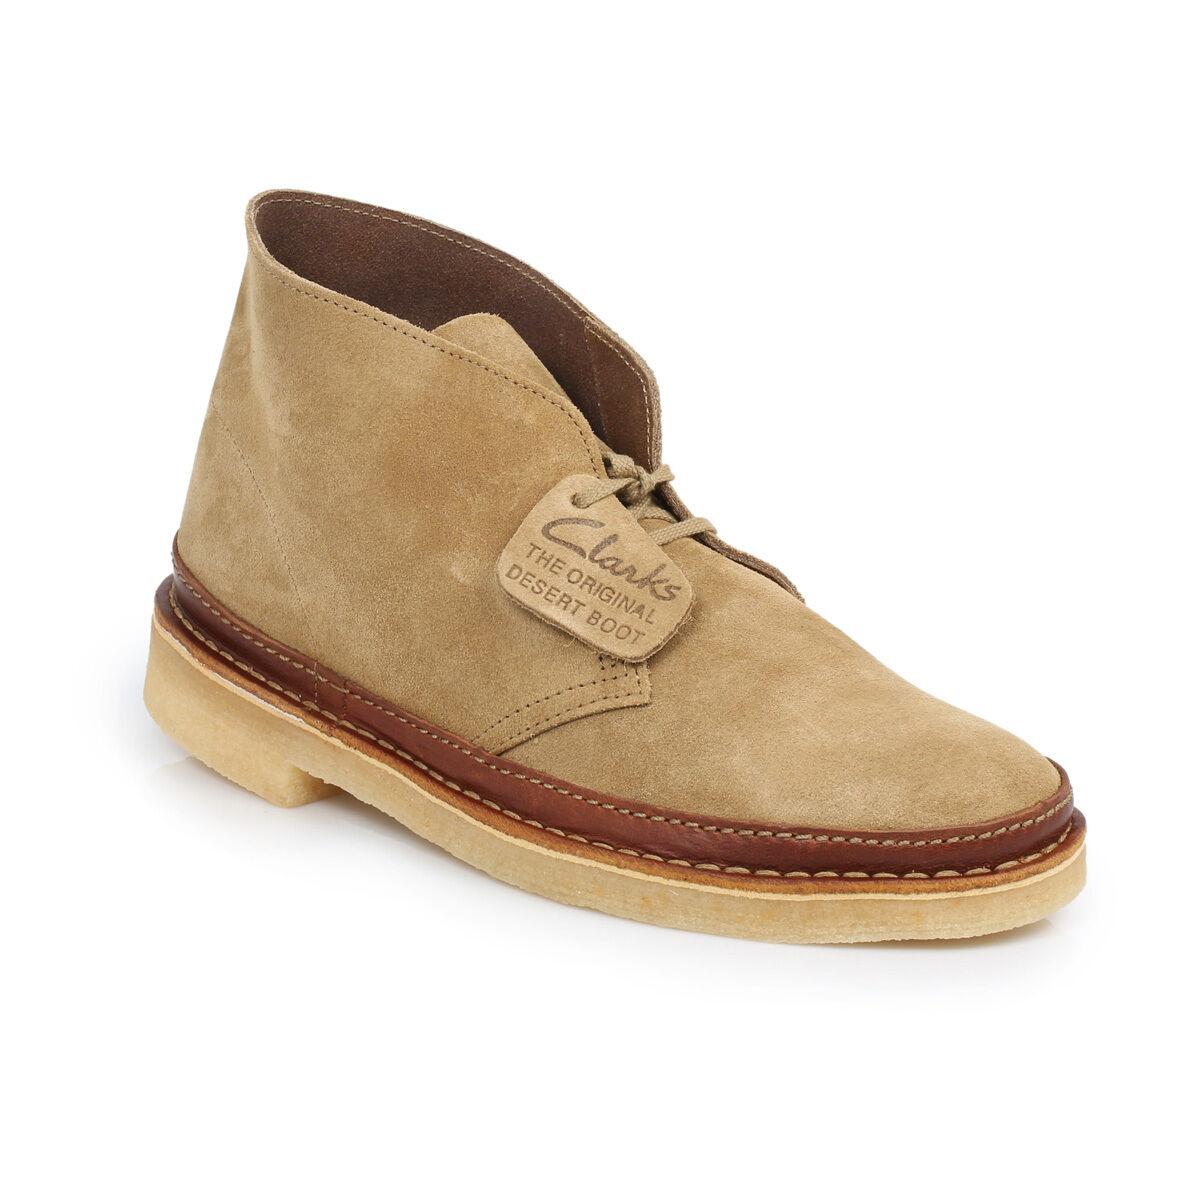 Clarks Originals  DESERT GUARD Stiefel   TAN SUEDE  UK 6,6.5,7,8,8.5,9,10,11